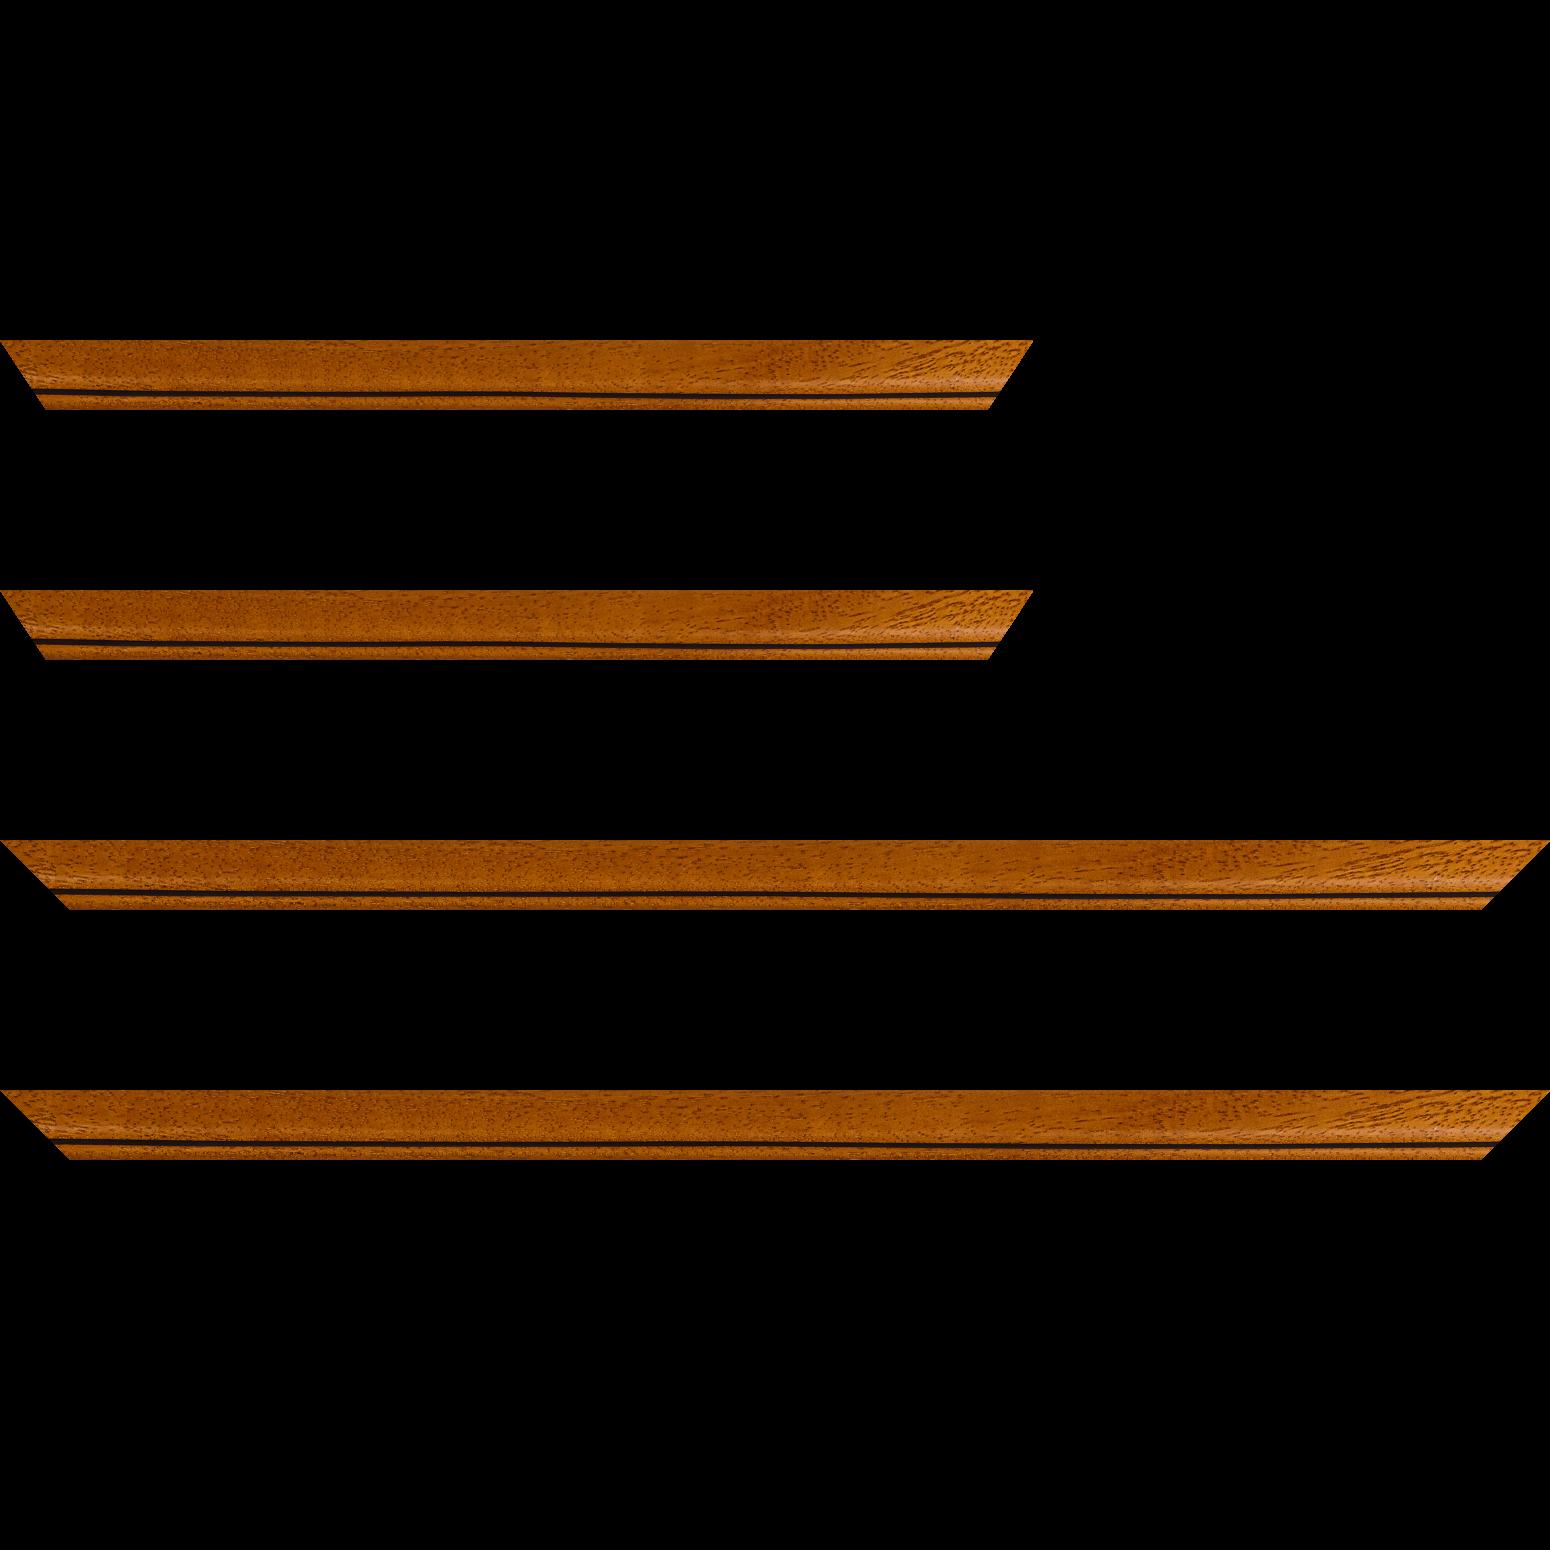 Baguette service précoupé bois profil bombé largeur 2.4cm couleur marron ton bois satiné filet noir